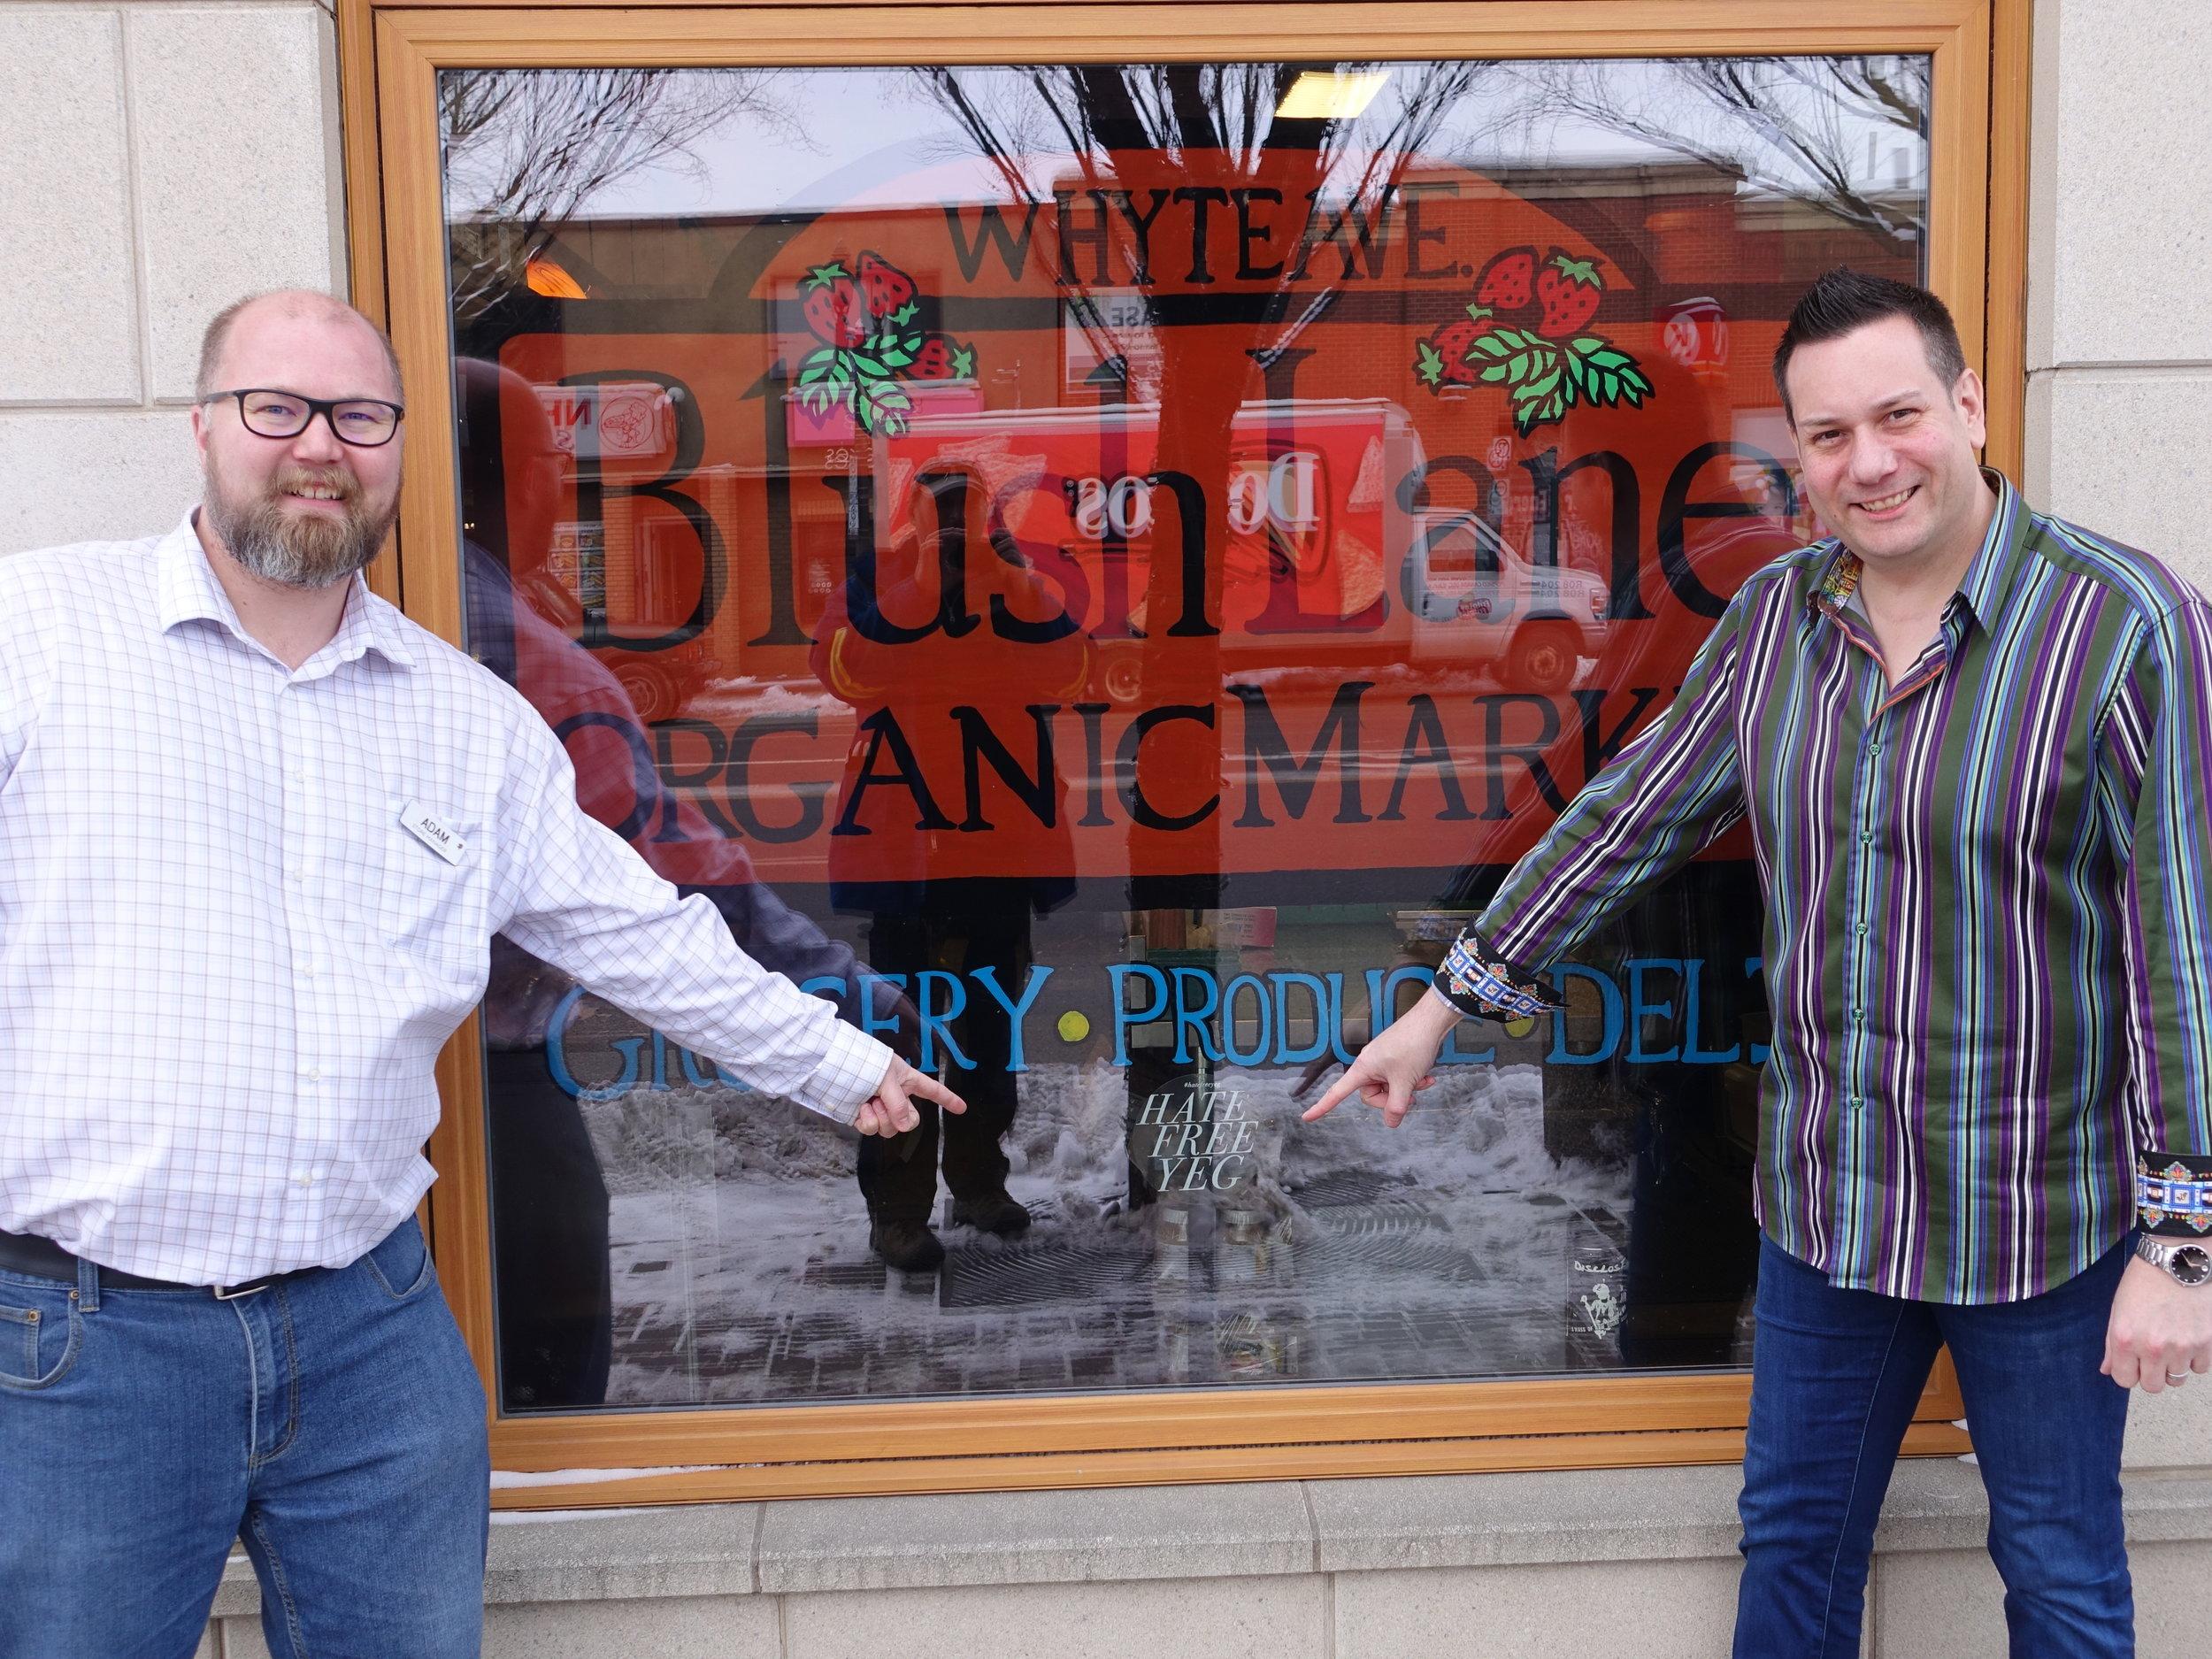 Blush Lane Organic Market - 8135 102 St NW